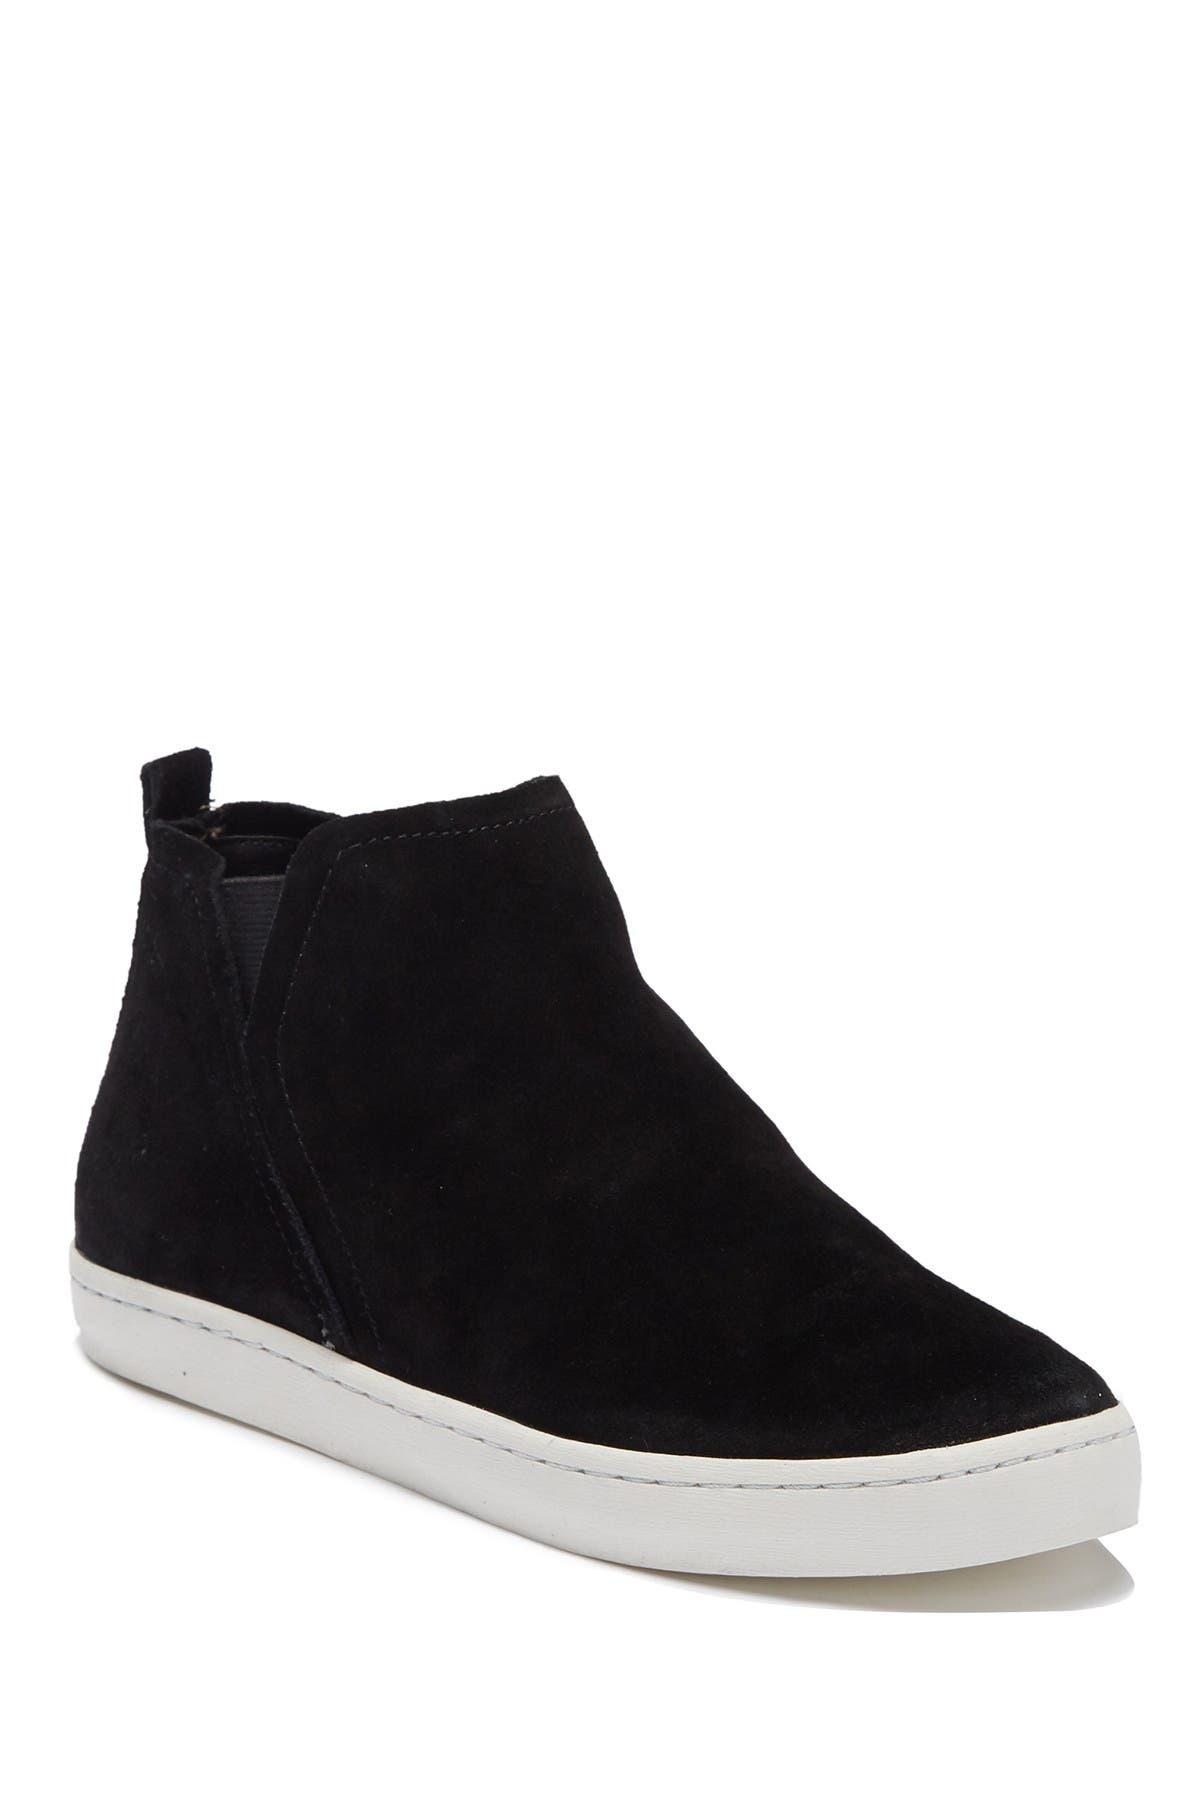 Dolce Vita | Zaye Sneaker | HauteLook